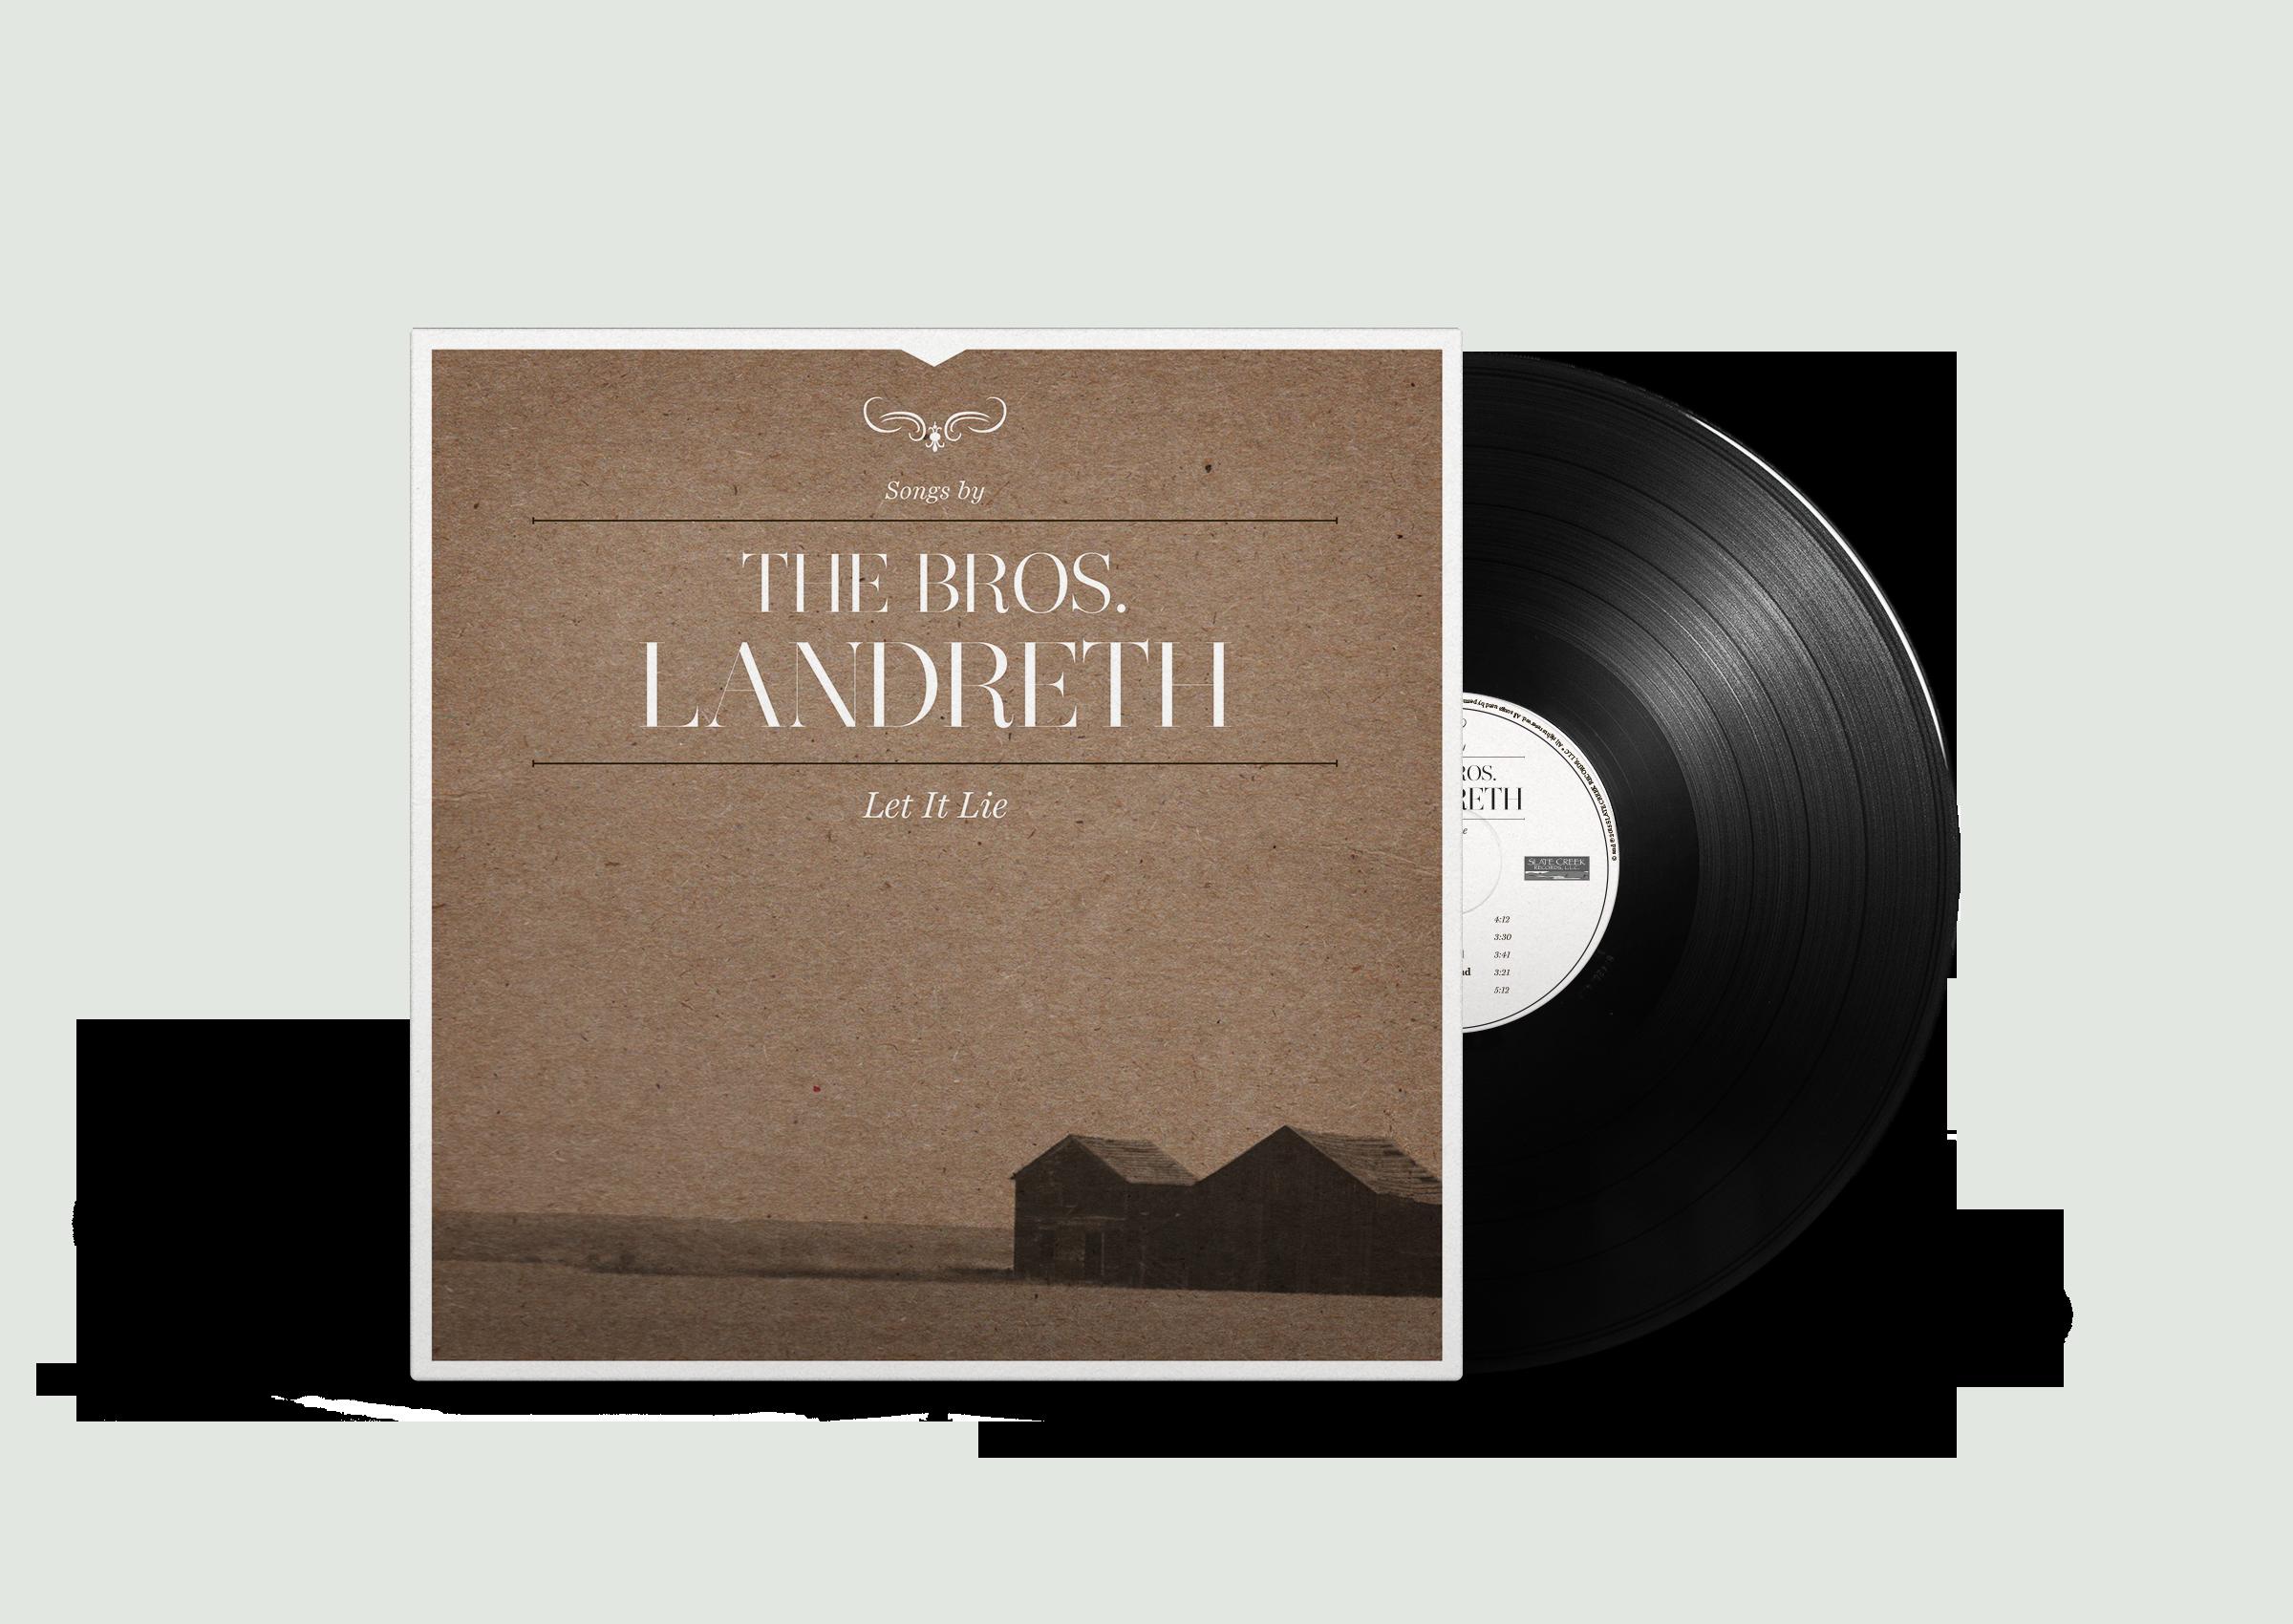 The Bros. Landreth – Let it Lie